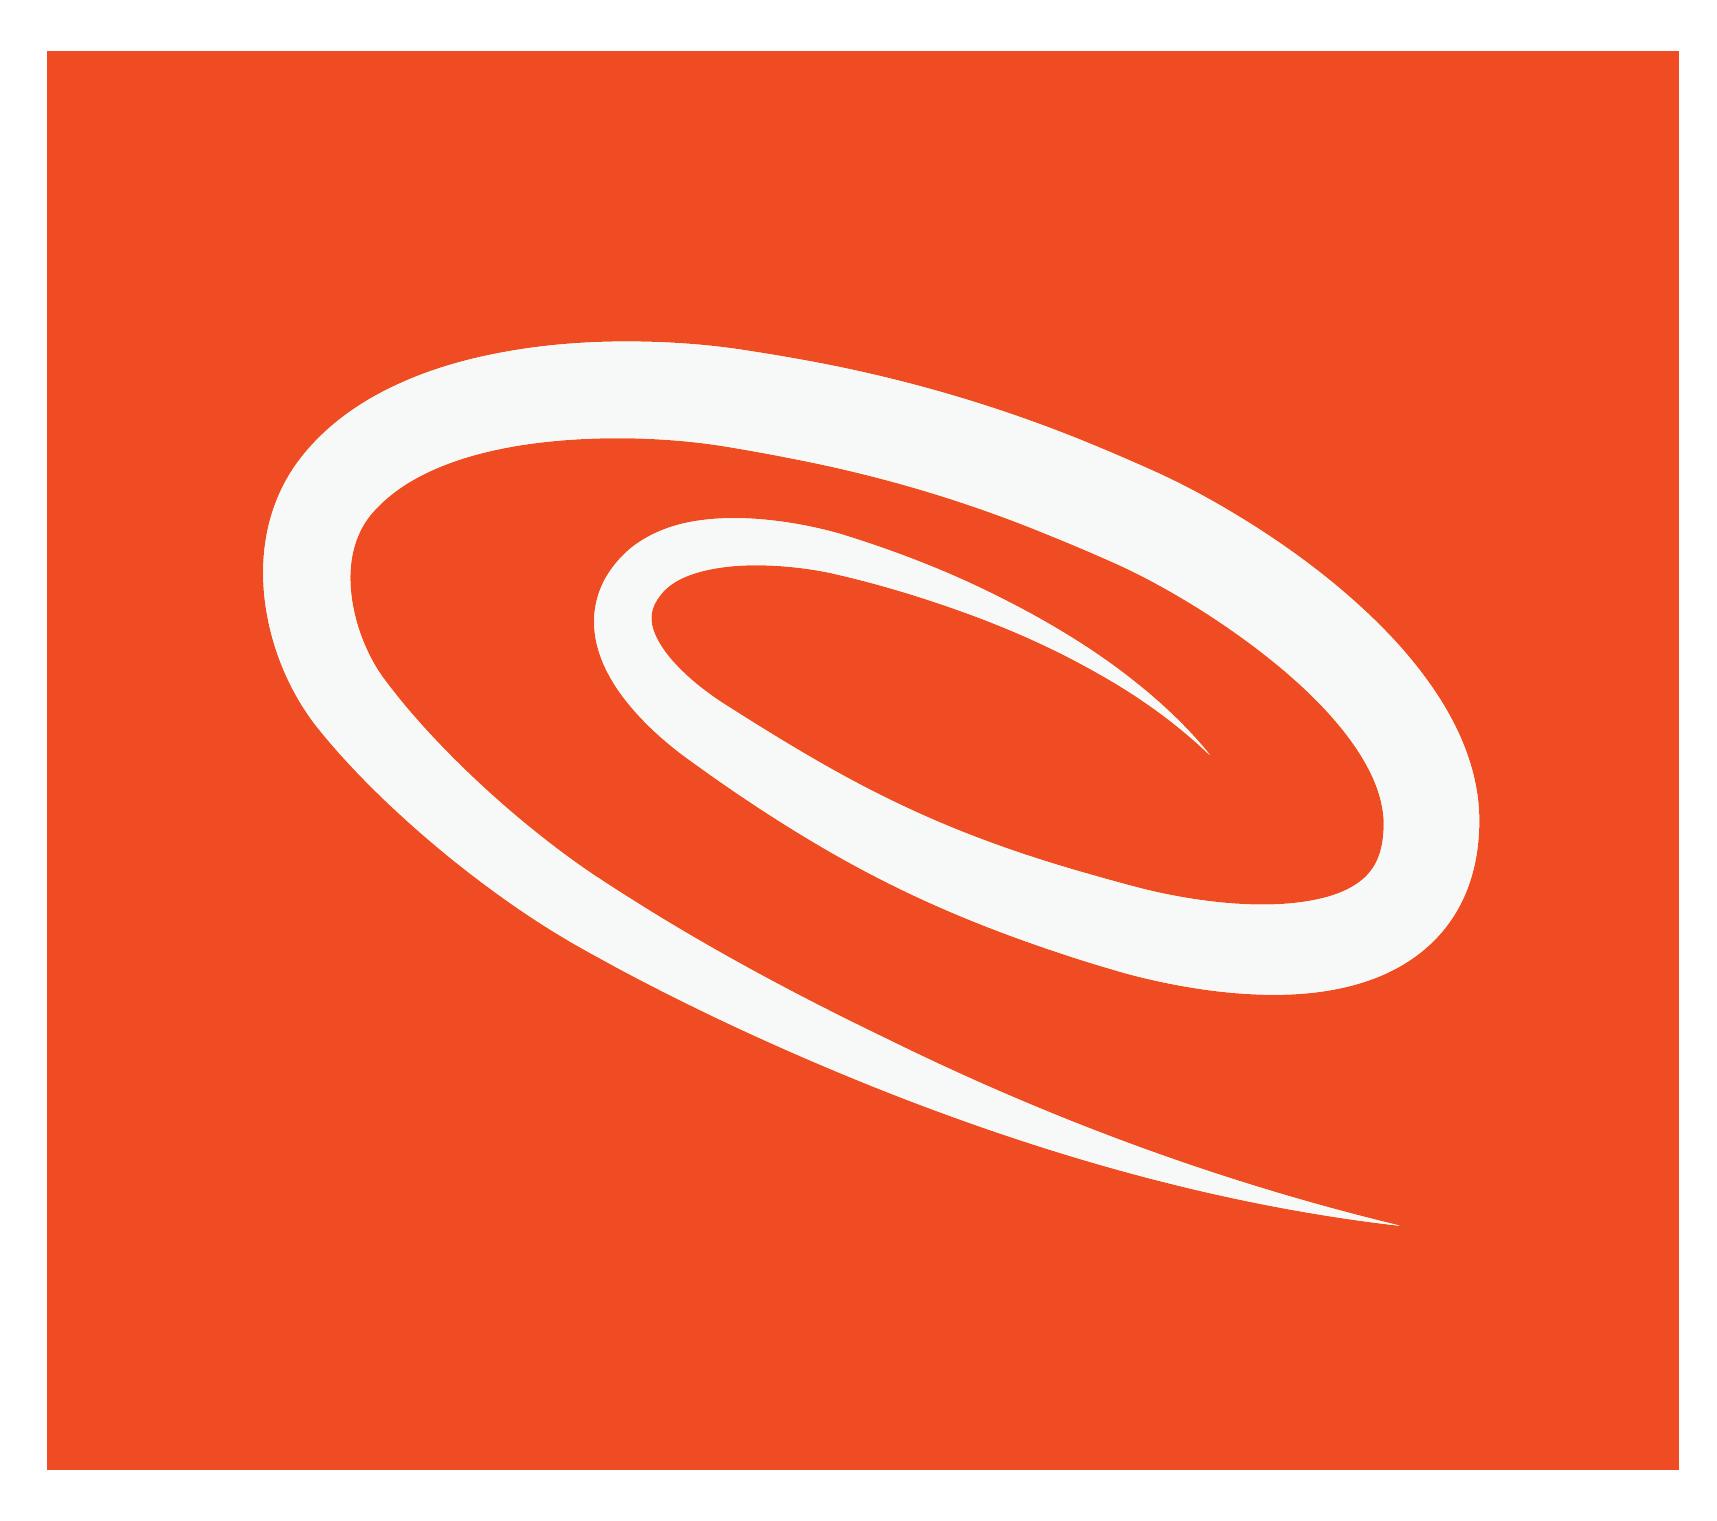 Carousel Mark